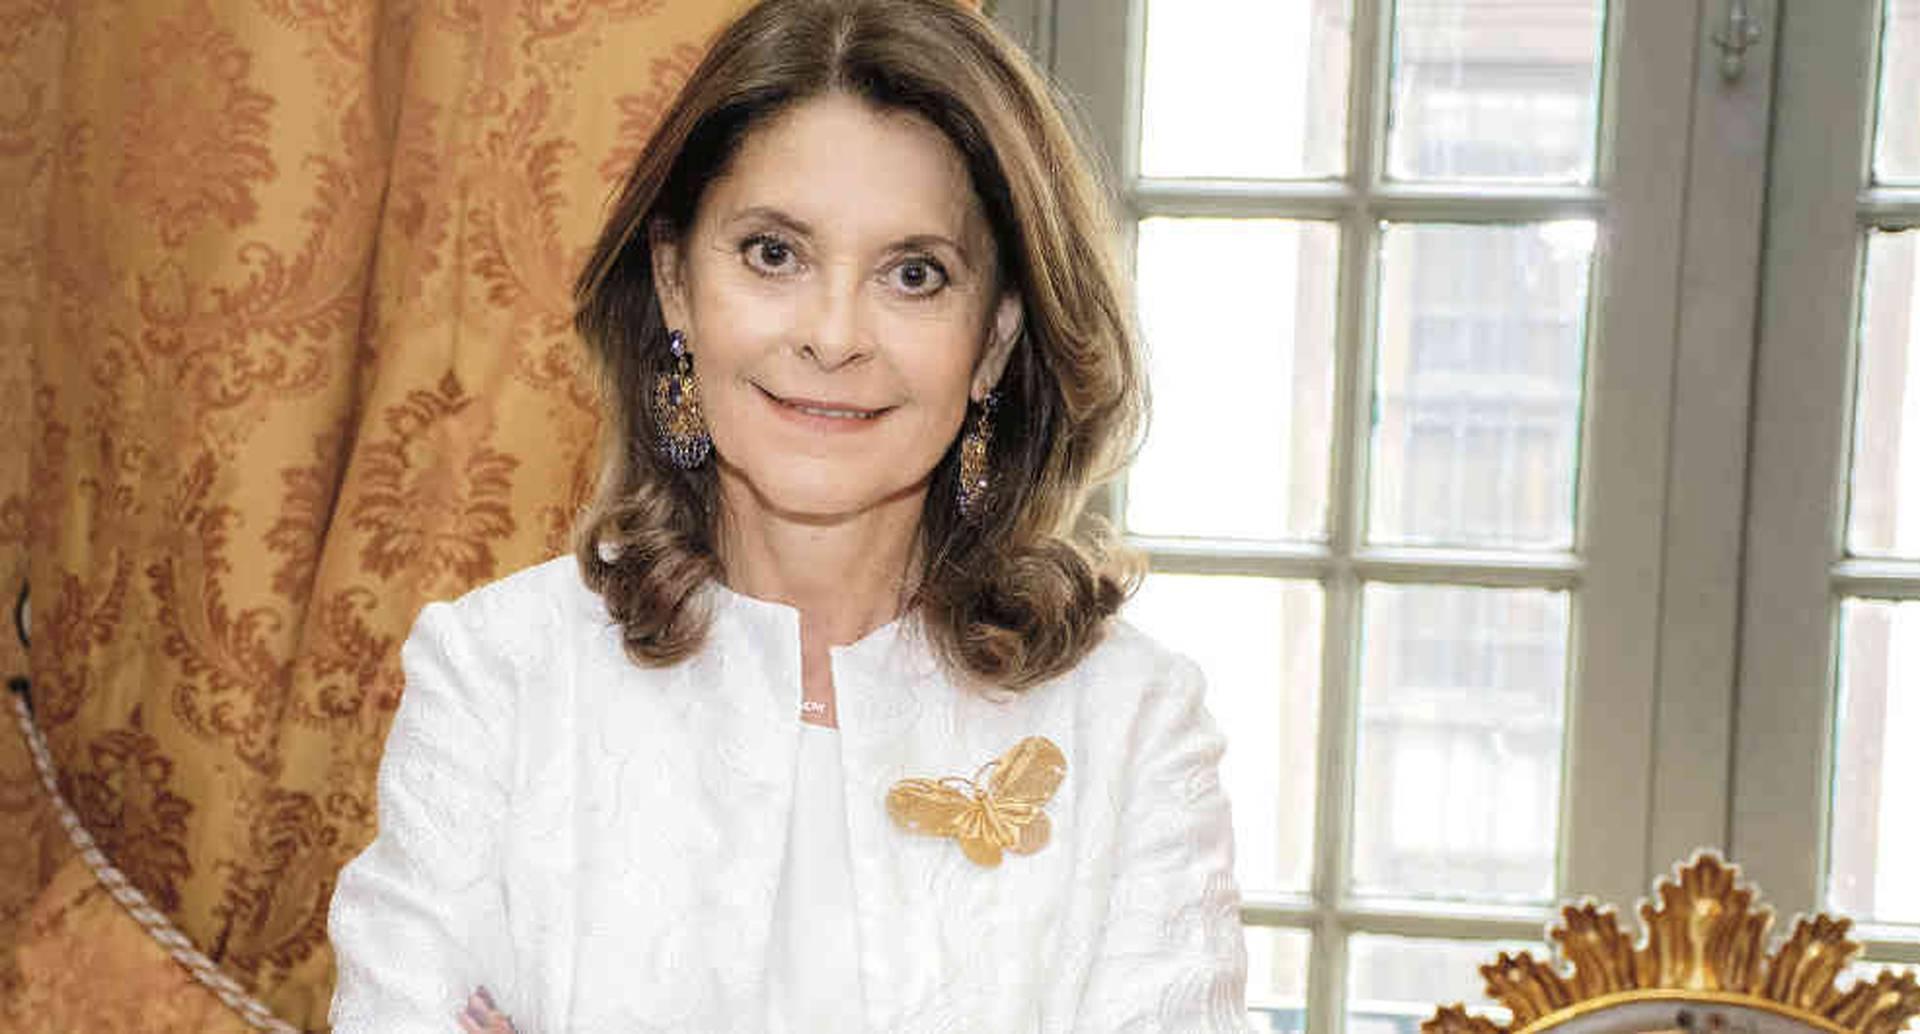 Marta lucía Ramírez. A Marta Lucía Ramírez la precedieron grandes figuras de la política colombiana. En días pasados, Óscar Naranjo y Humberto de la Calle afirmaron que el esquema del segundo a bordo dejó de tener sentido.